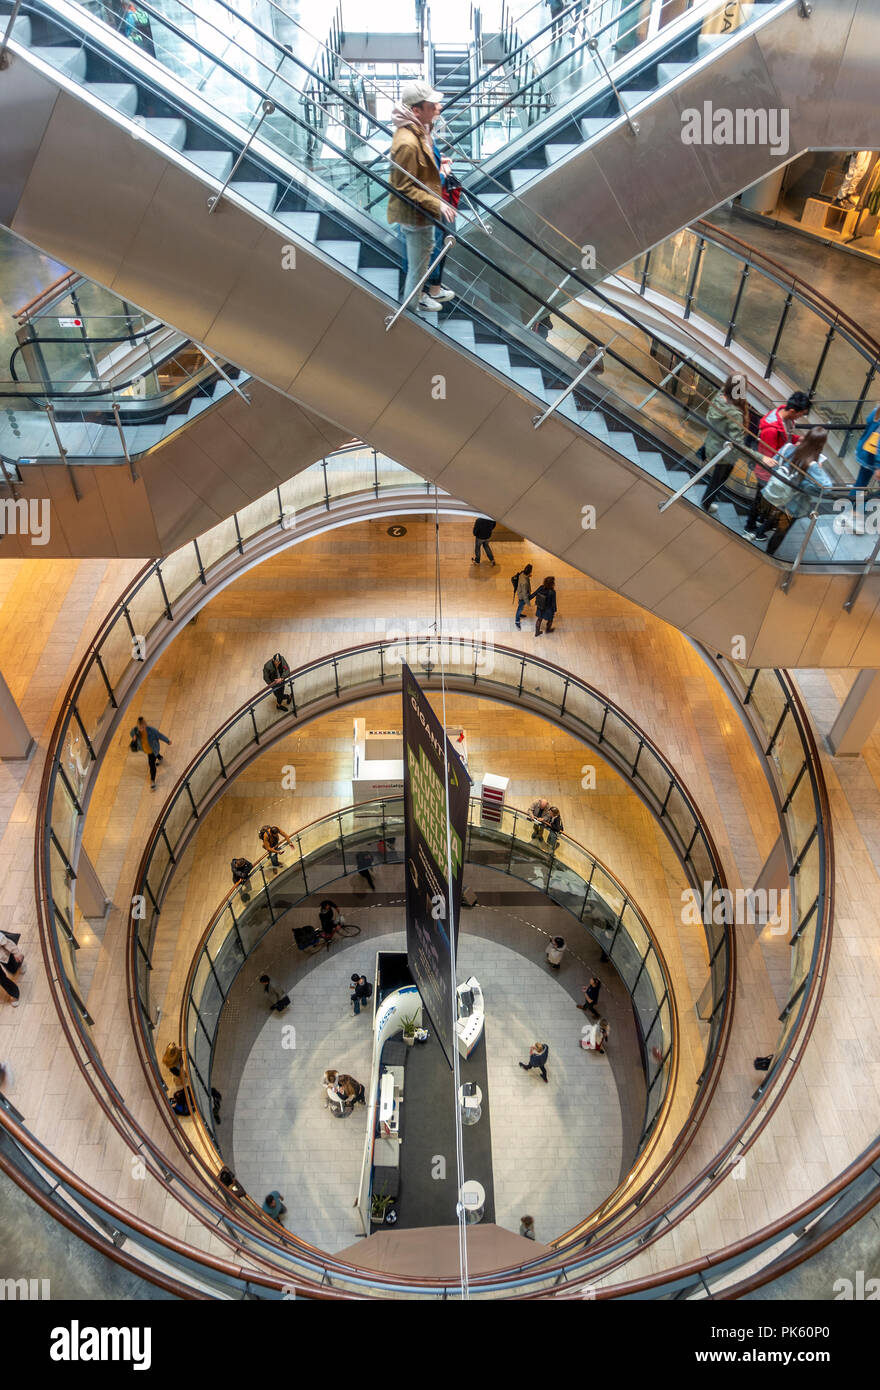 https://c7.alamy.com/comp/PK60P0/helsinki-kamppi-shopping-center-kamppi-centre-kamppi-shopping-mall-interior-helsinki-finland-PK60P0.jpg